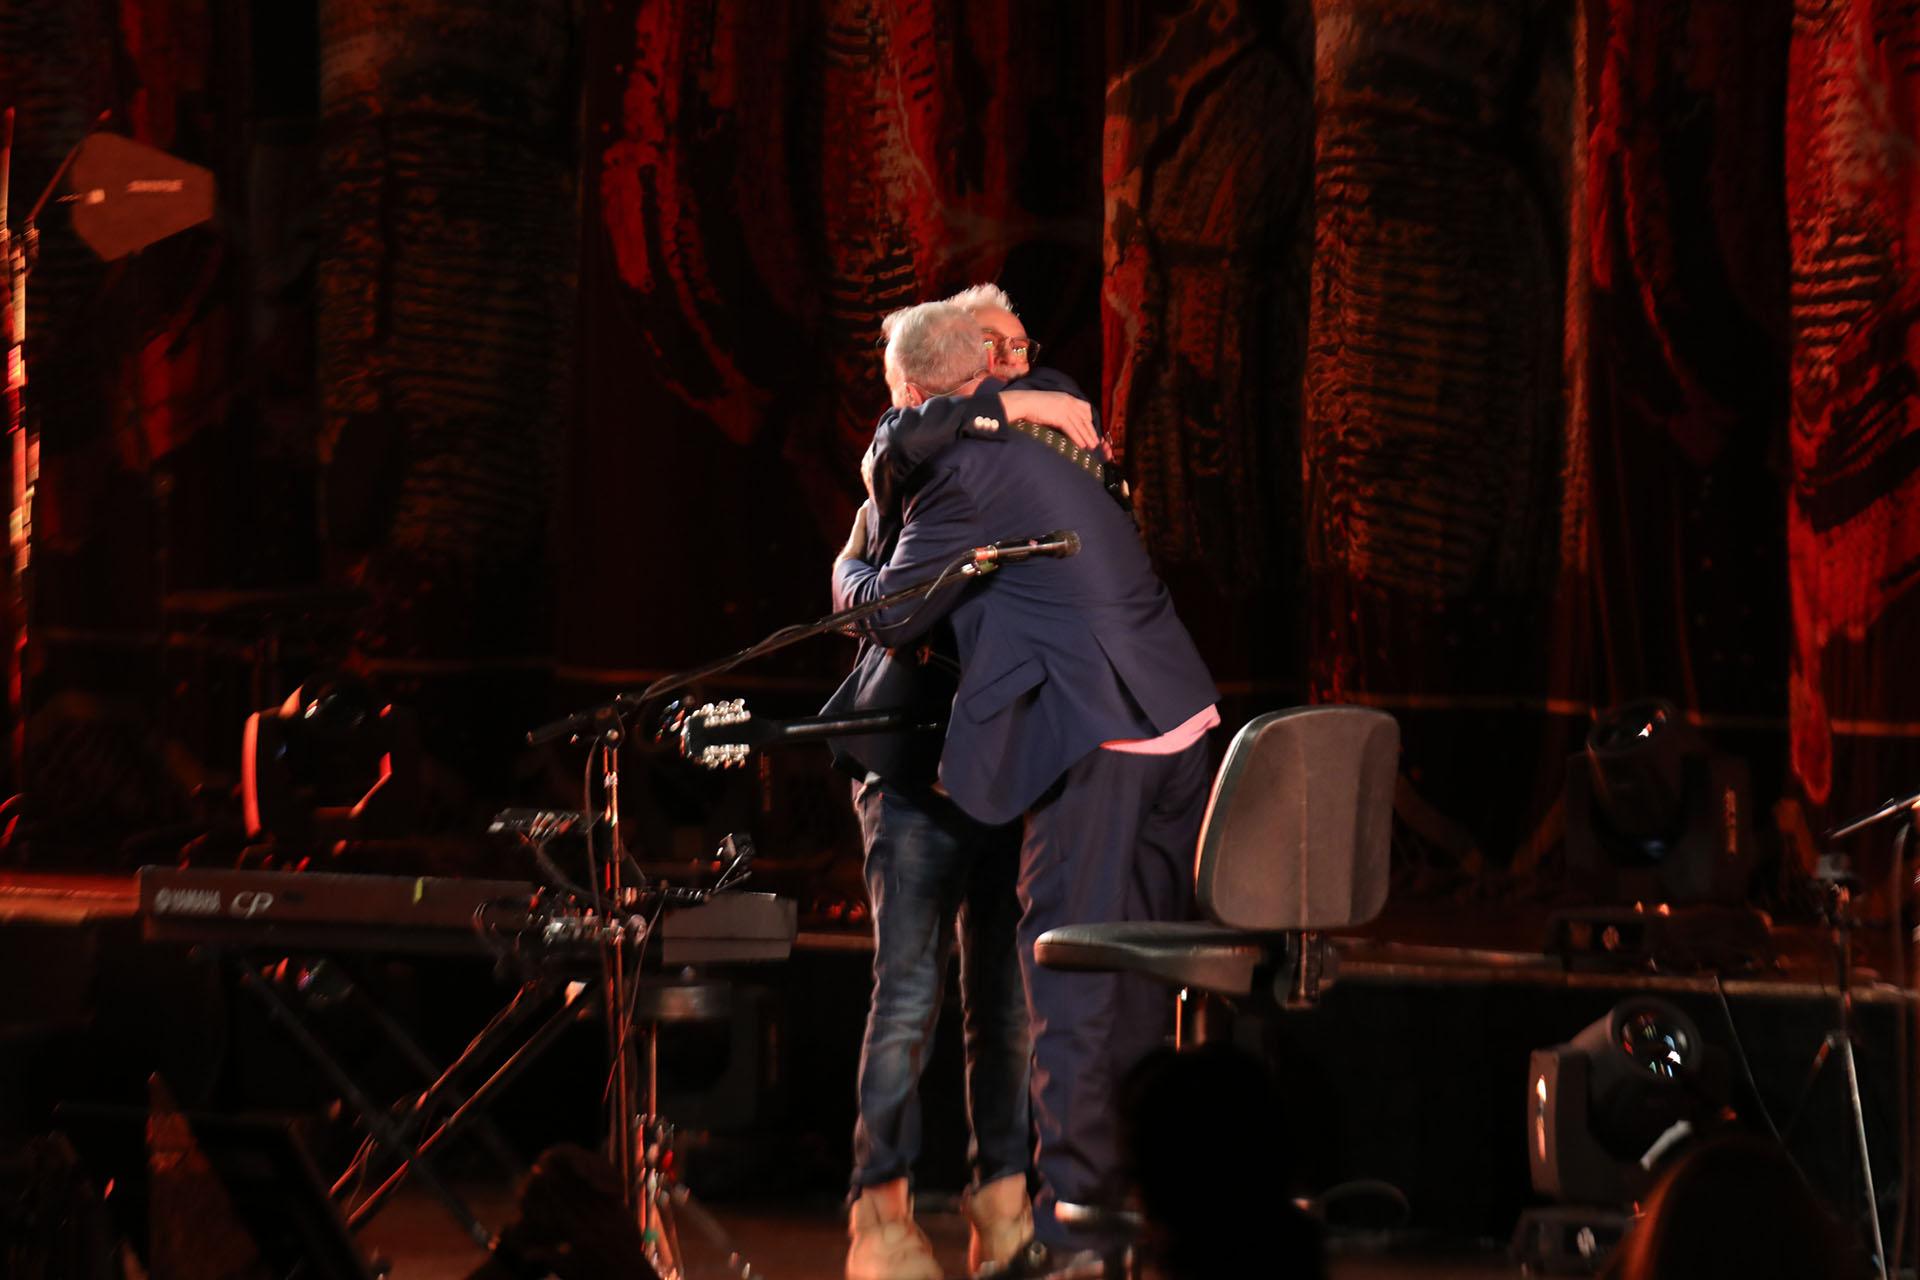 El saludo de David Lebón y Pedro Aznar en el Teatro Colón (Fotos: Christian Bochichio/Teleshow)